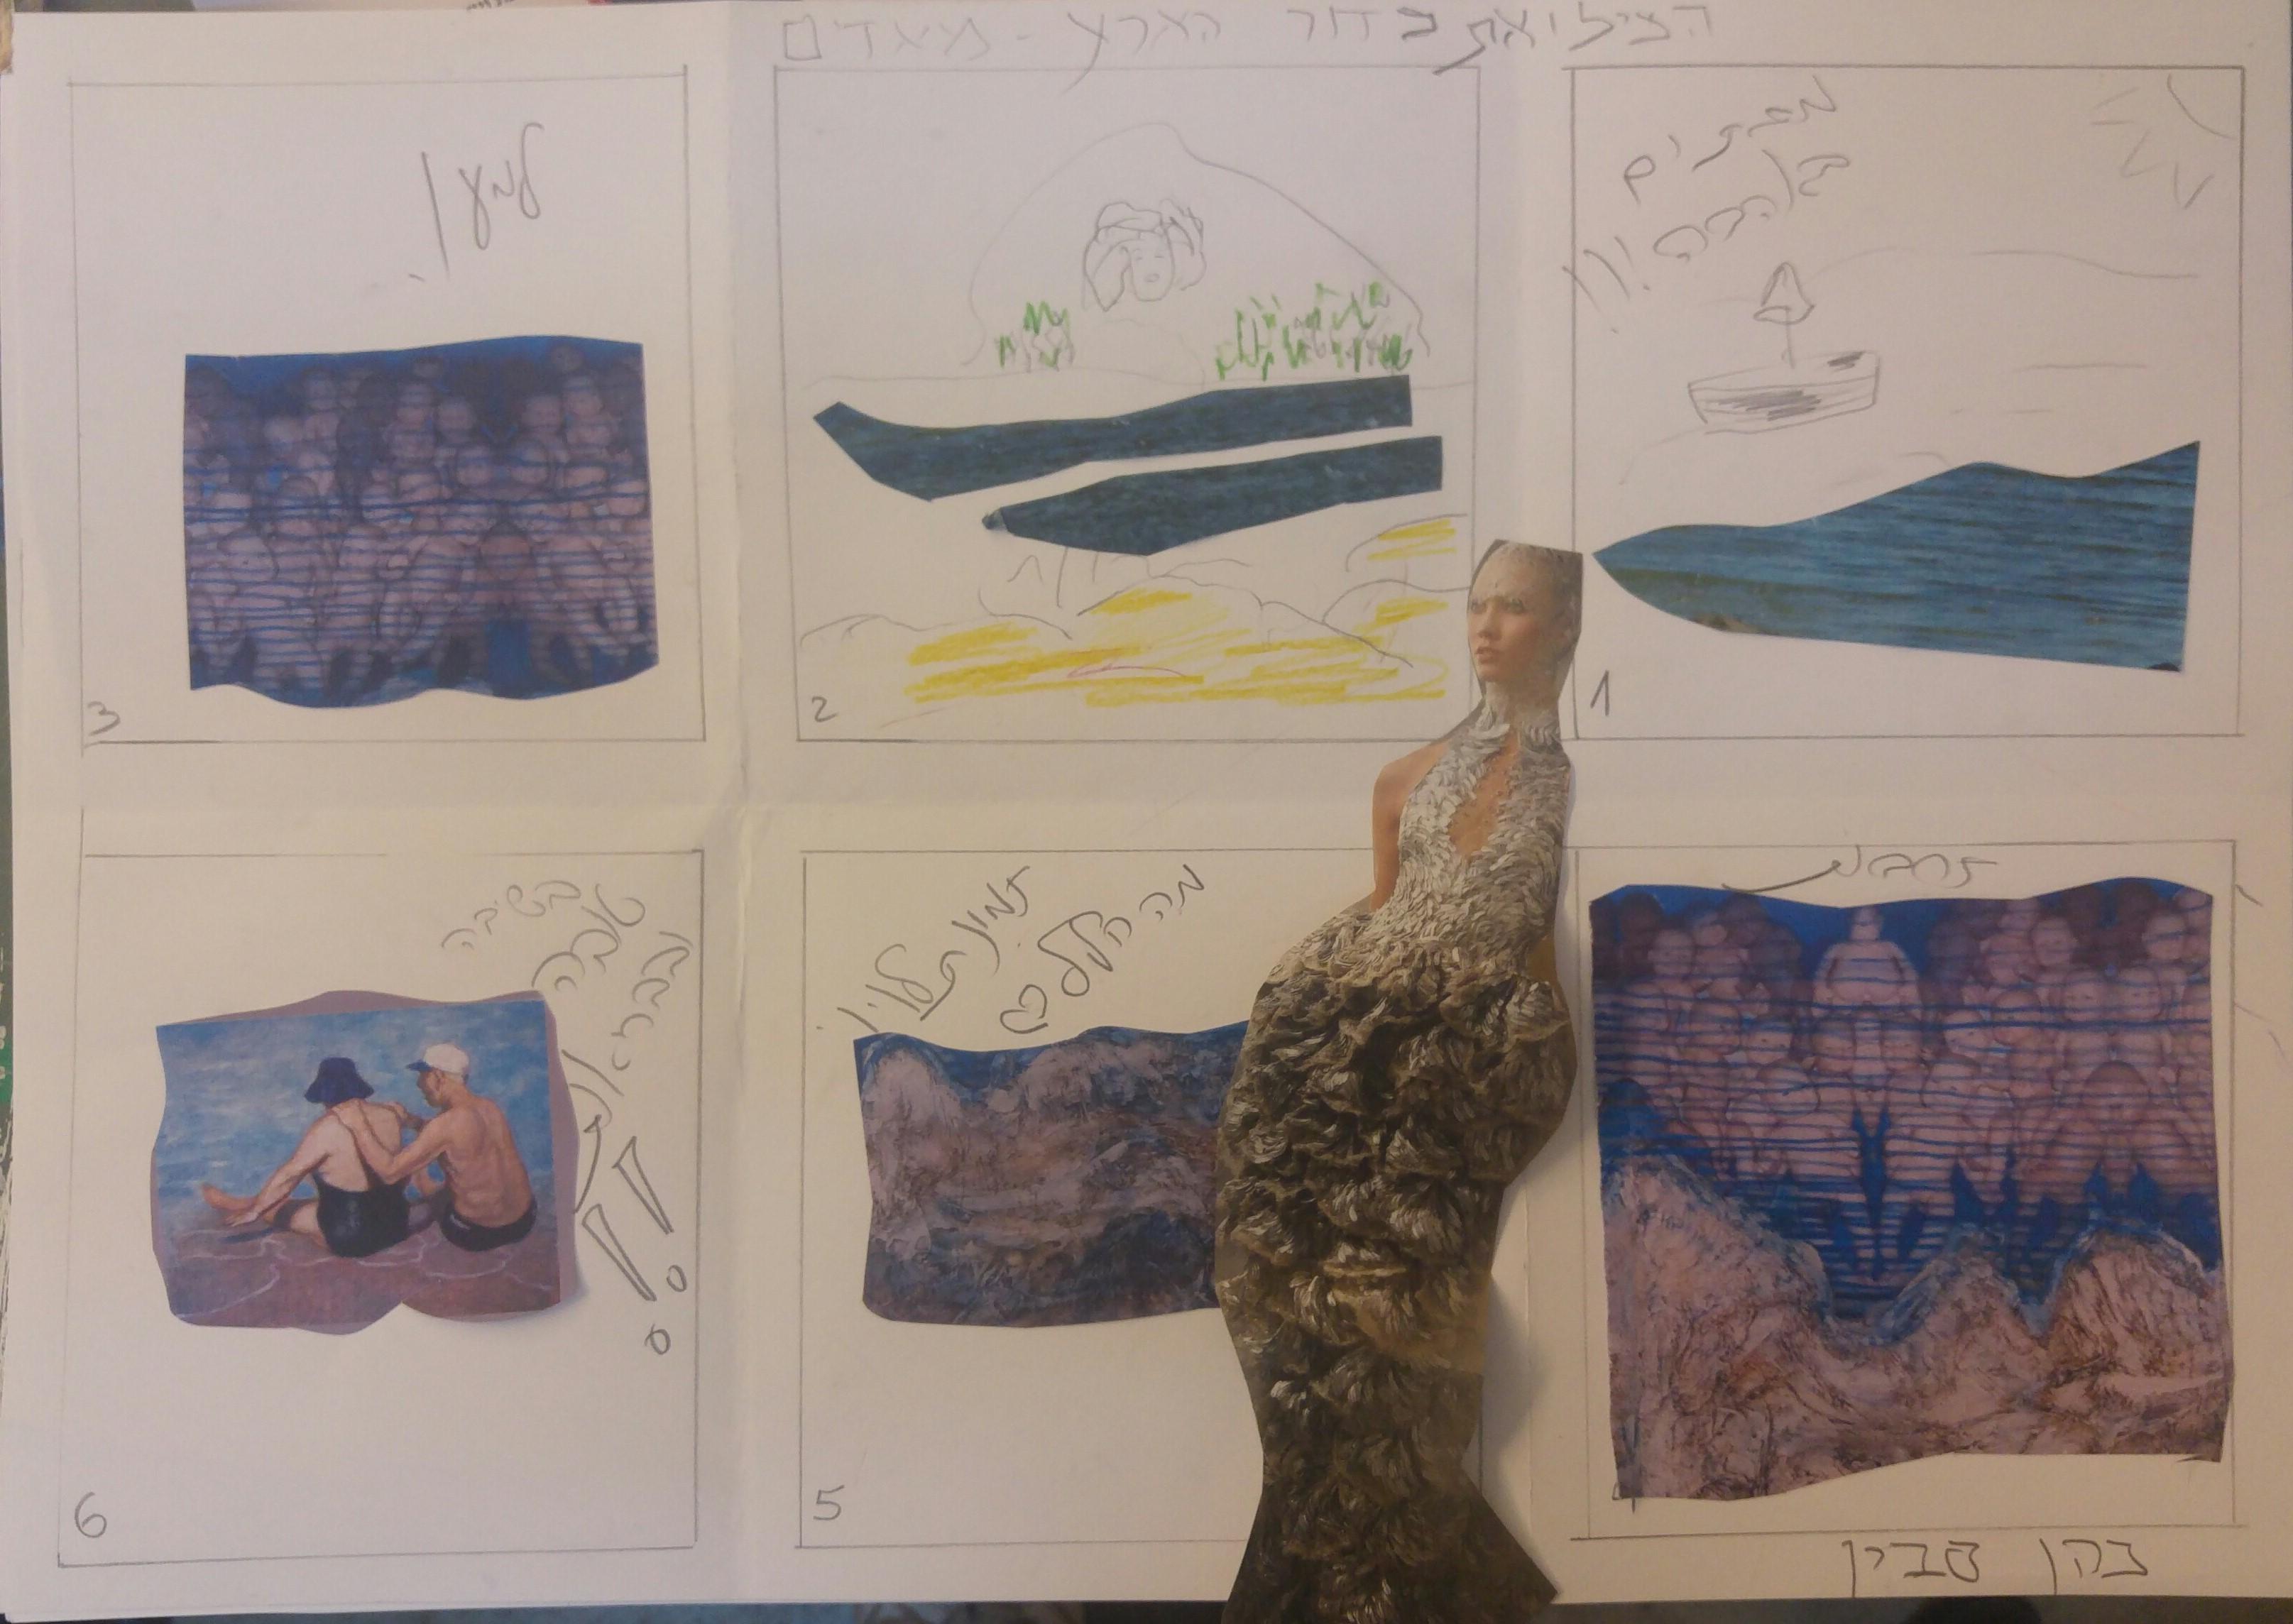 """Artwork from the book - אומנות ככלי ללמידה משמעותית משתפת ויוצרת עניין – פסג""""ה בת-ים by אילן  - Ourboox.com"""